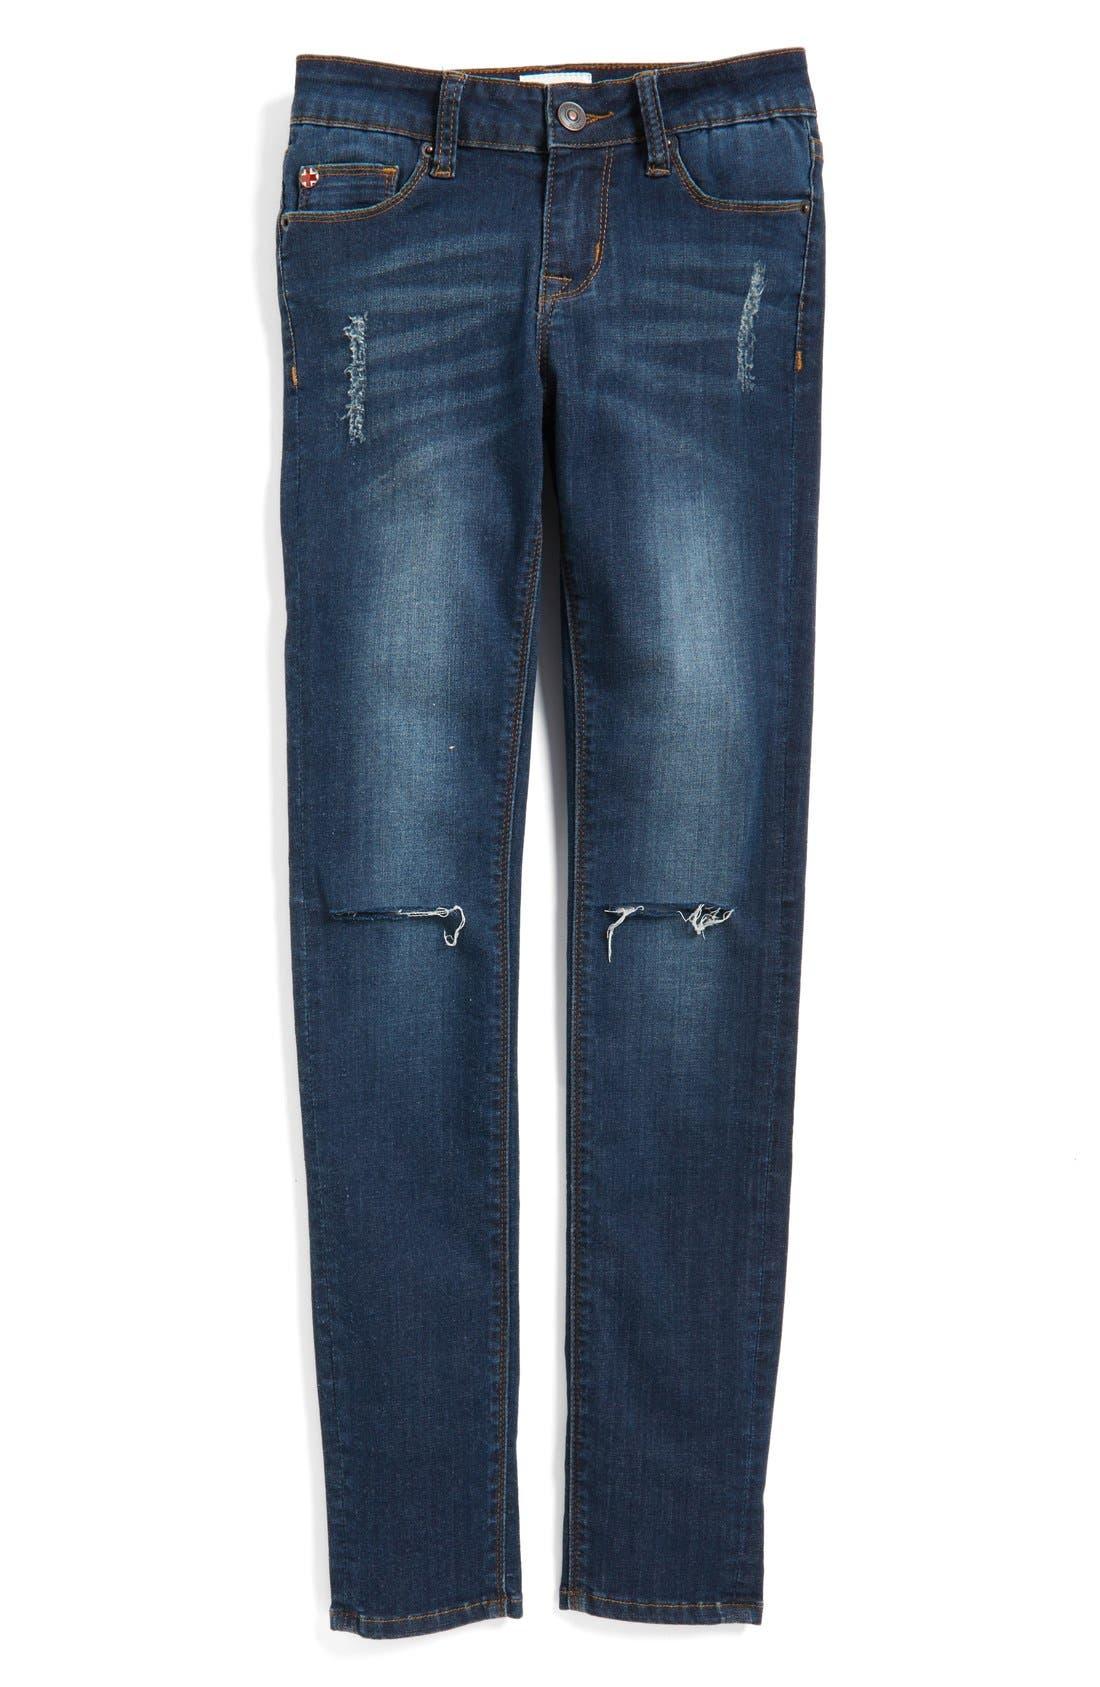 Main Image - Hudson Kids 'Dolly' Destroyed Skinny Jeans (Big Girls)